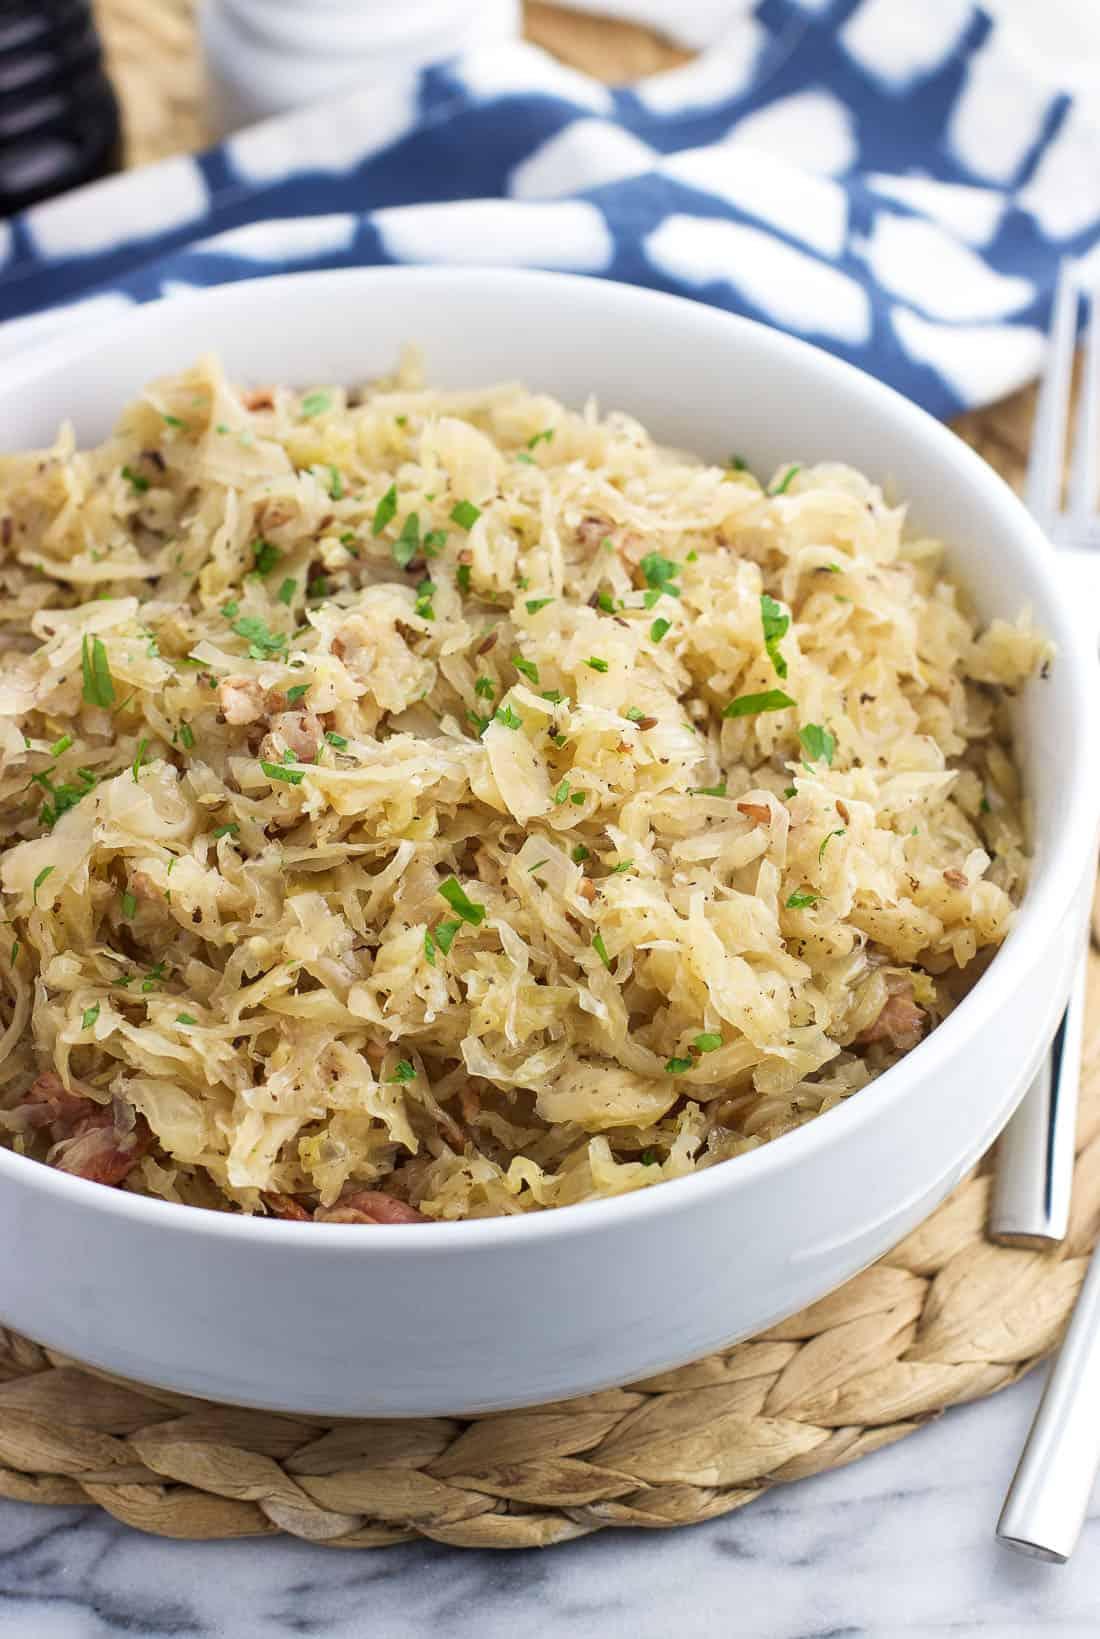 A serving bowl of sauerkraut.